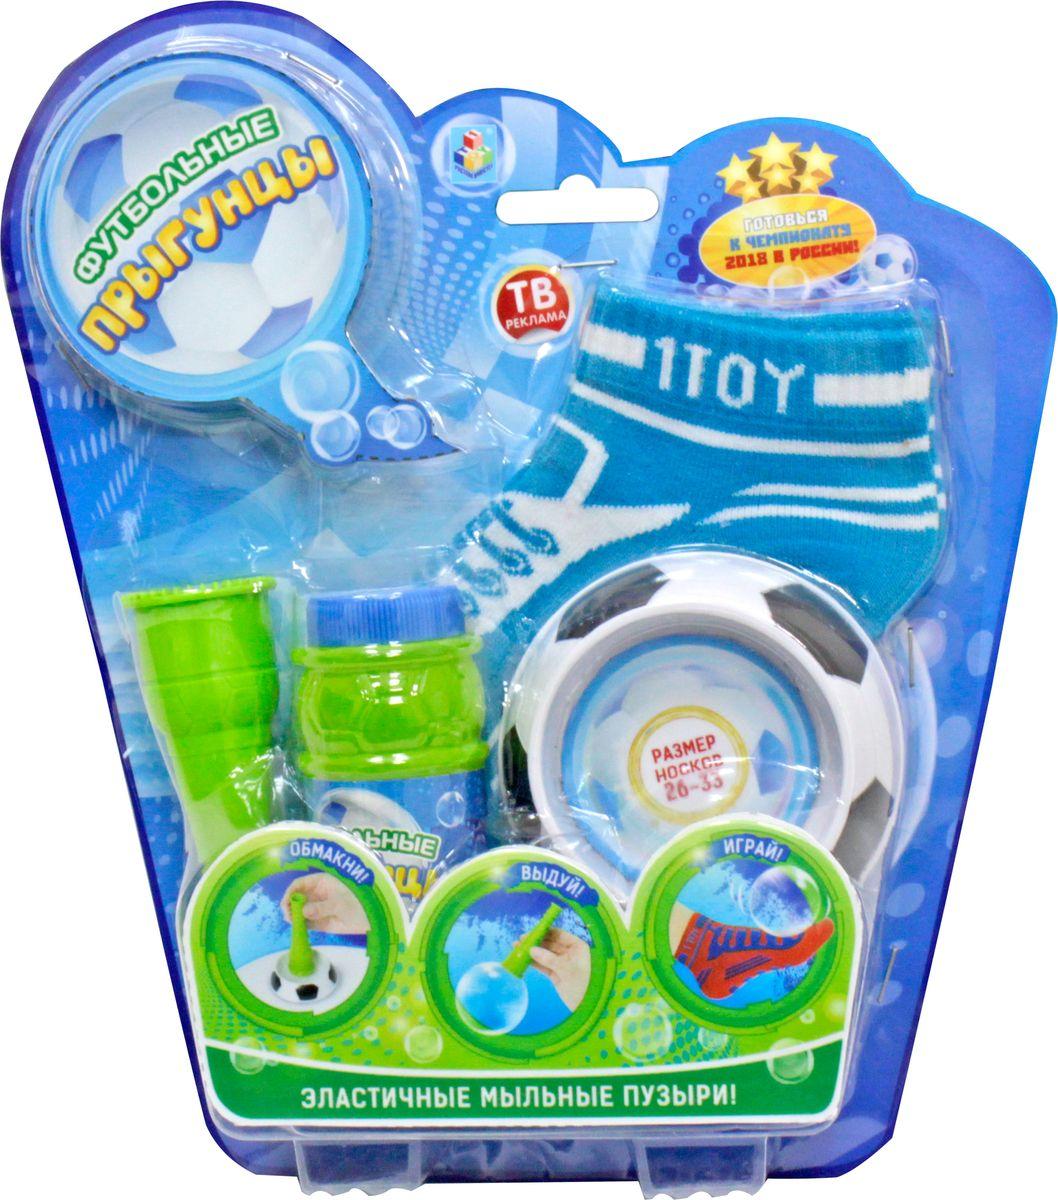 1TOY Мыльные пузыри Футбольные Прыгунцы 80 мл Т59275 мыльные пузыри 1 toy мыльные пузыри angry birds колба 90 мл